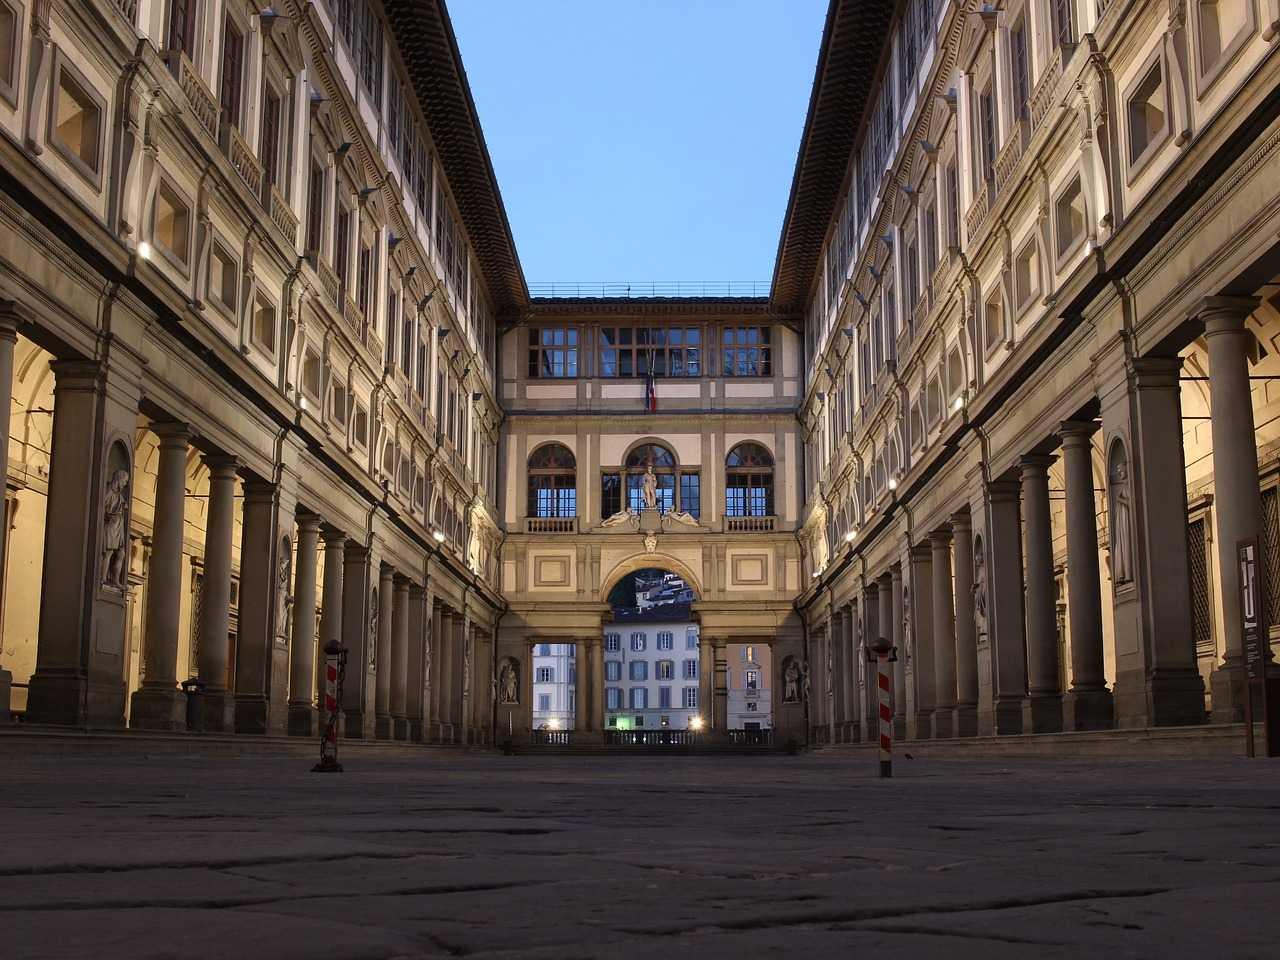 גלריית אופיצי פירנצה 2021 - כרטיסים, מחירים וכל מה שחשוב לדעת!